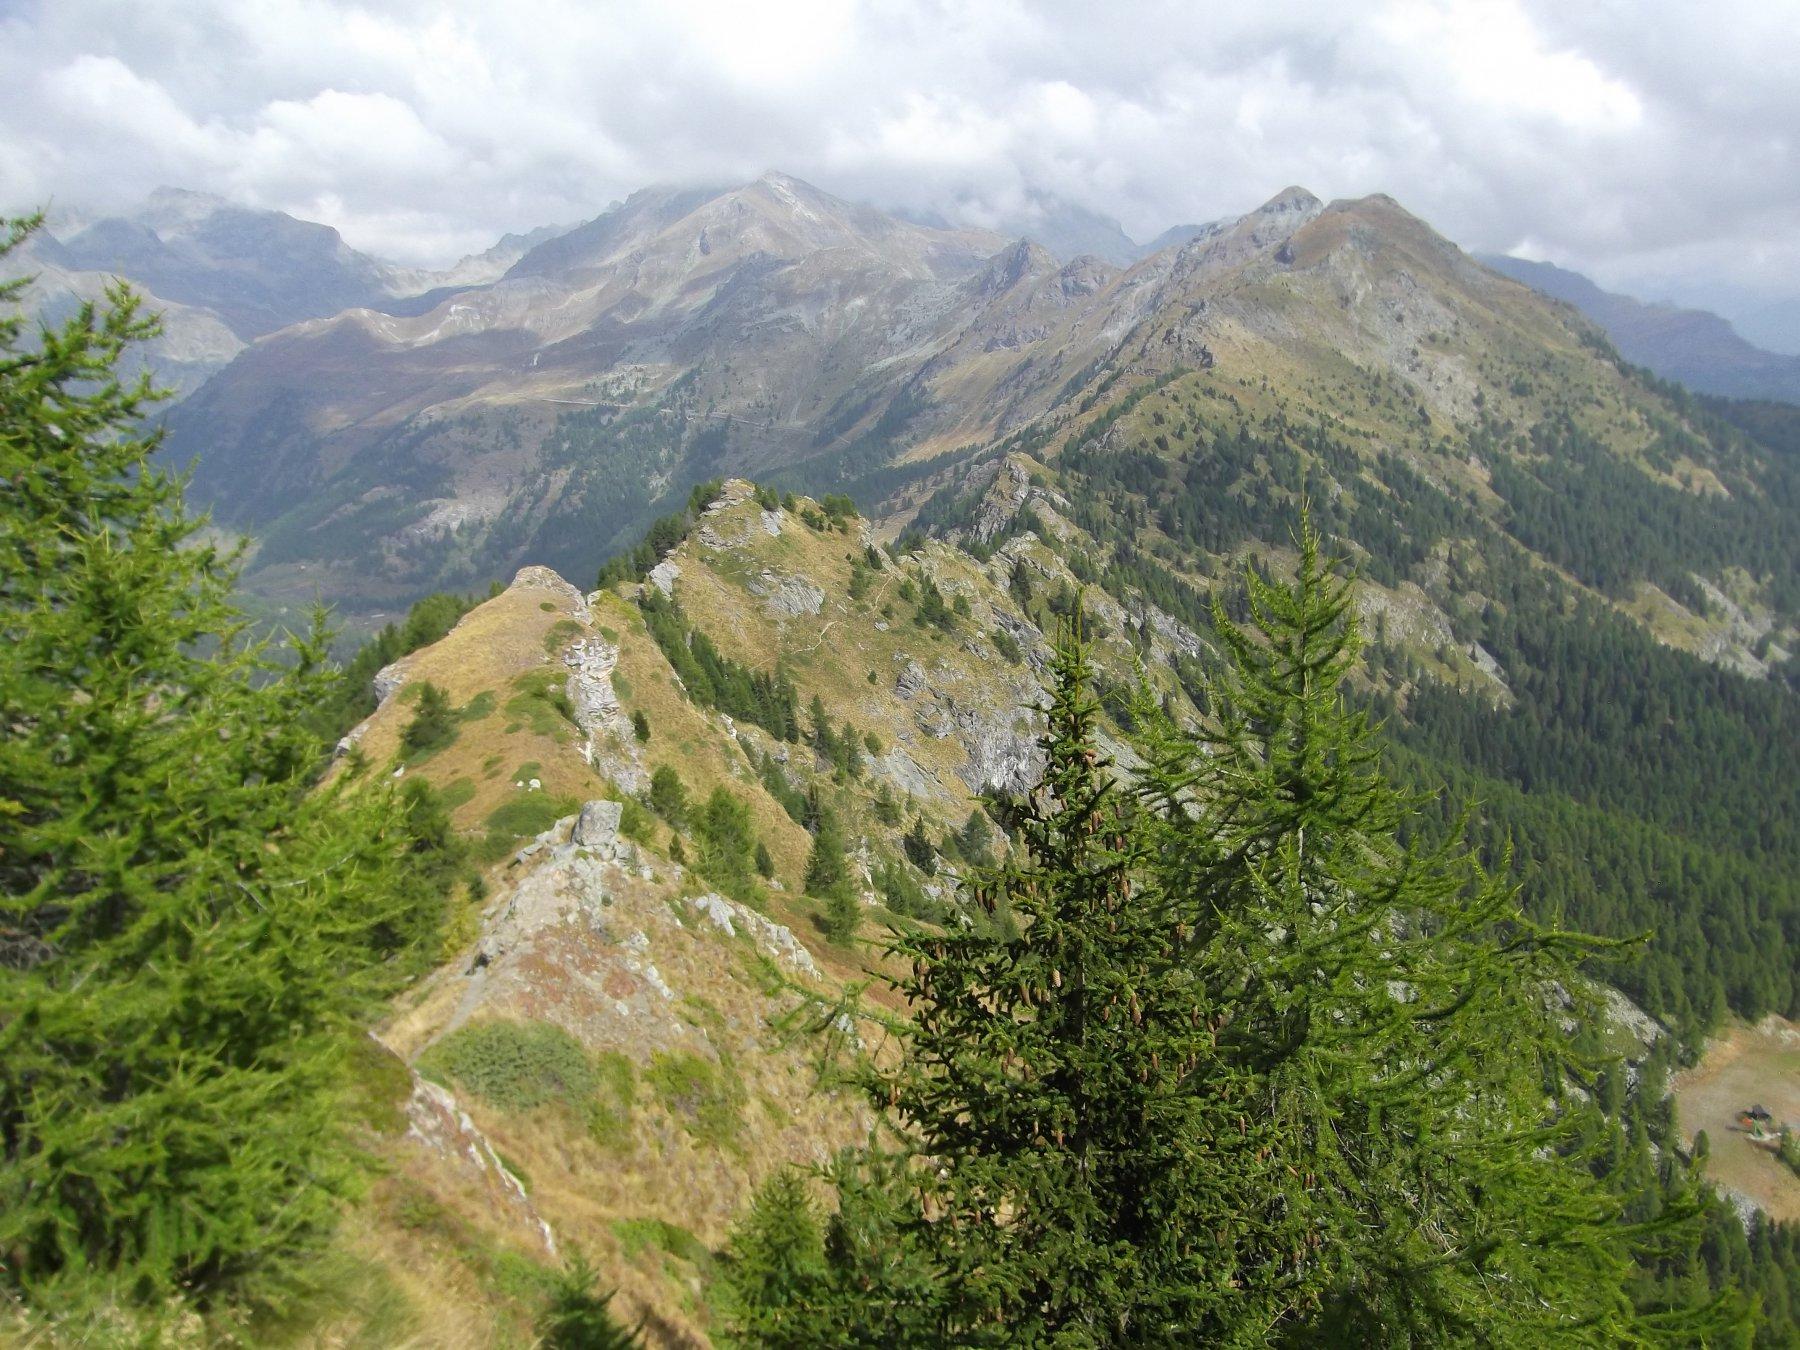 La cresta percorsa e in alto a dx il Monte Meabe'.